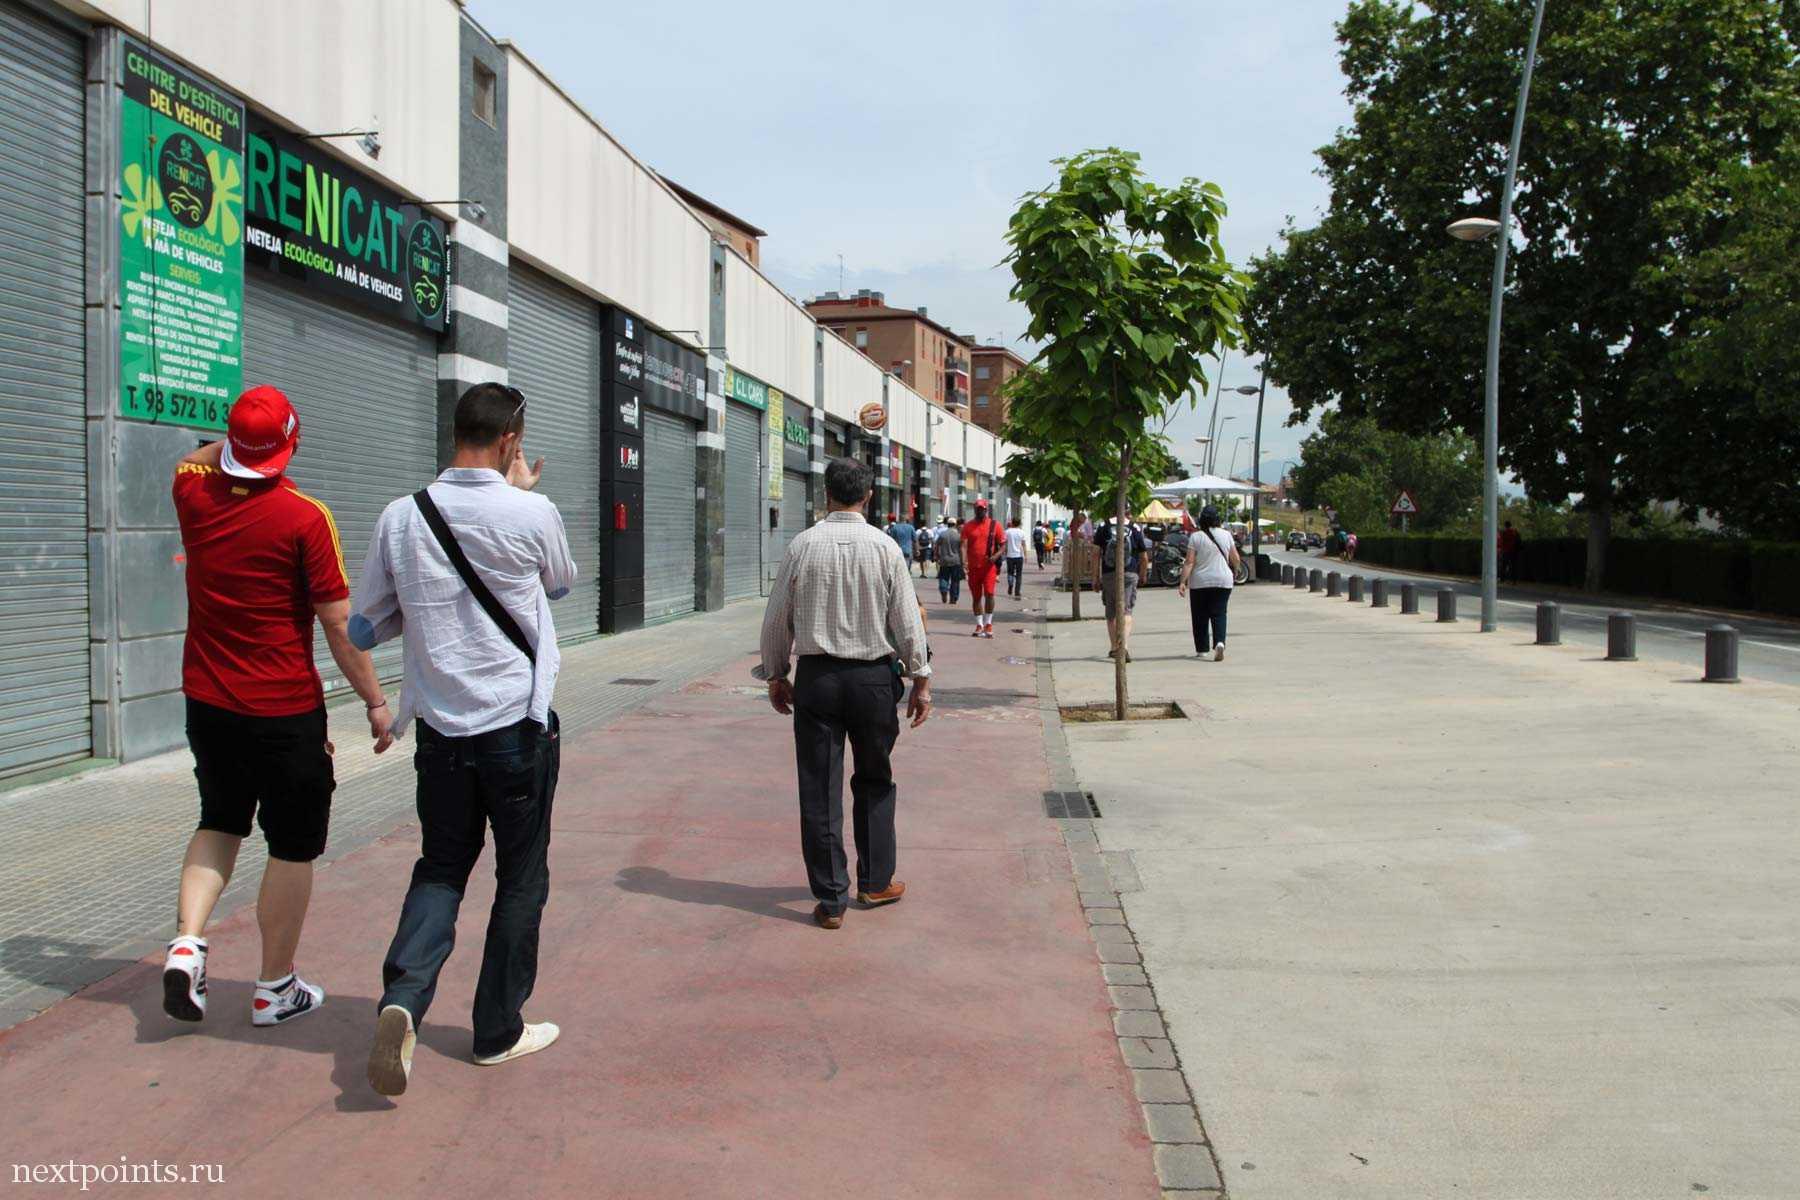 Проходим мимо закрытых магазинов в городе Монмело. Сиеста есть сиеста!